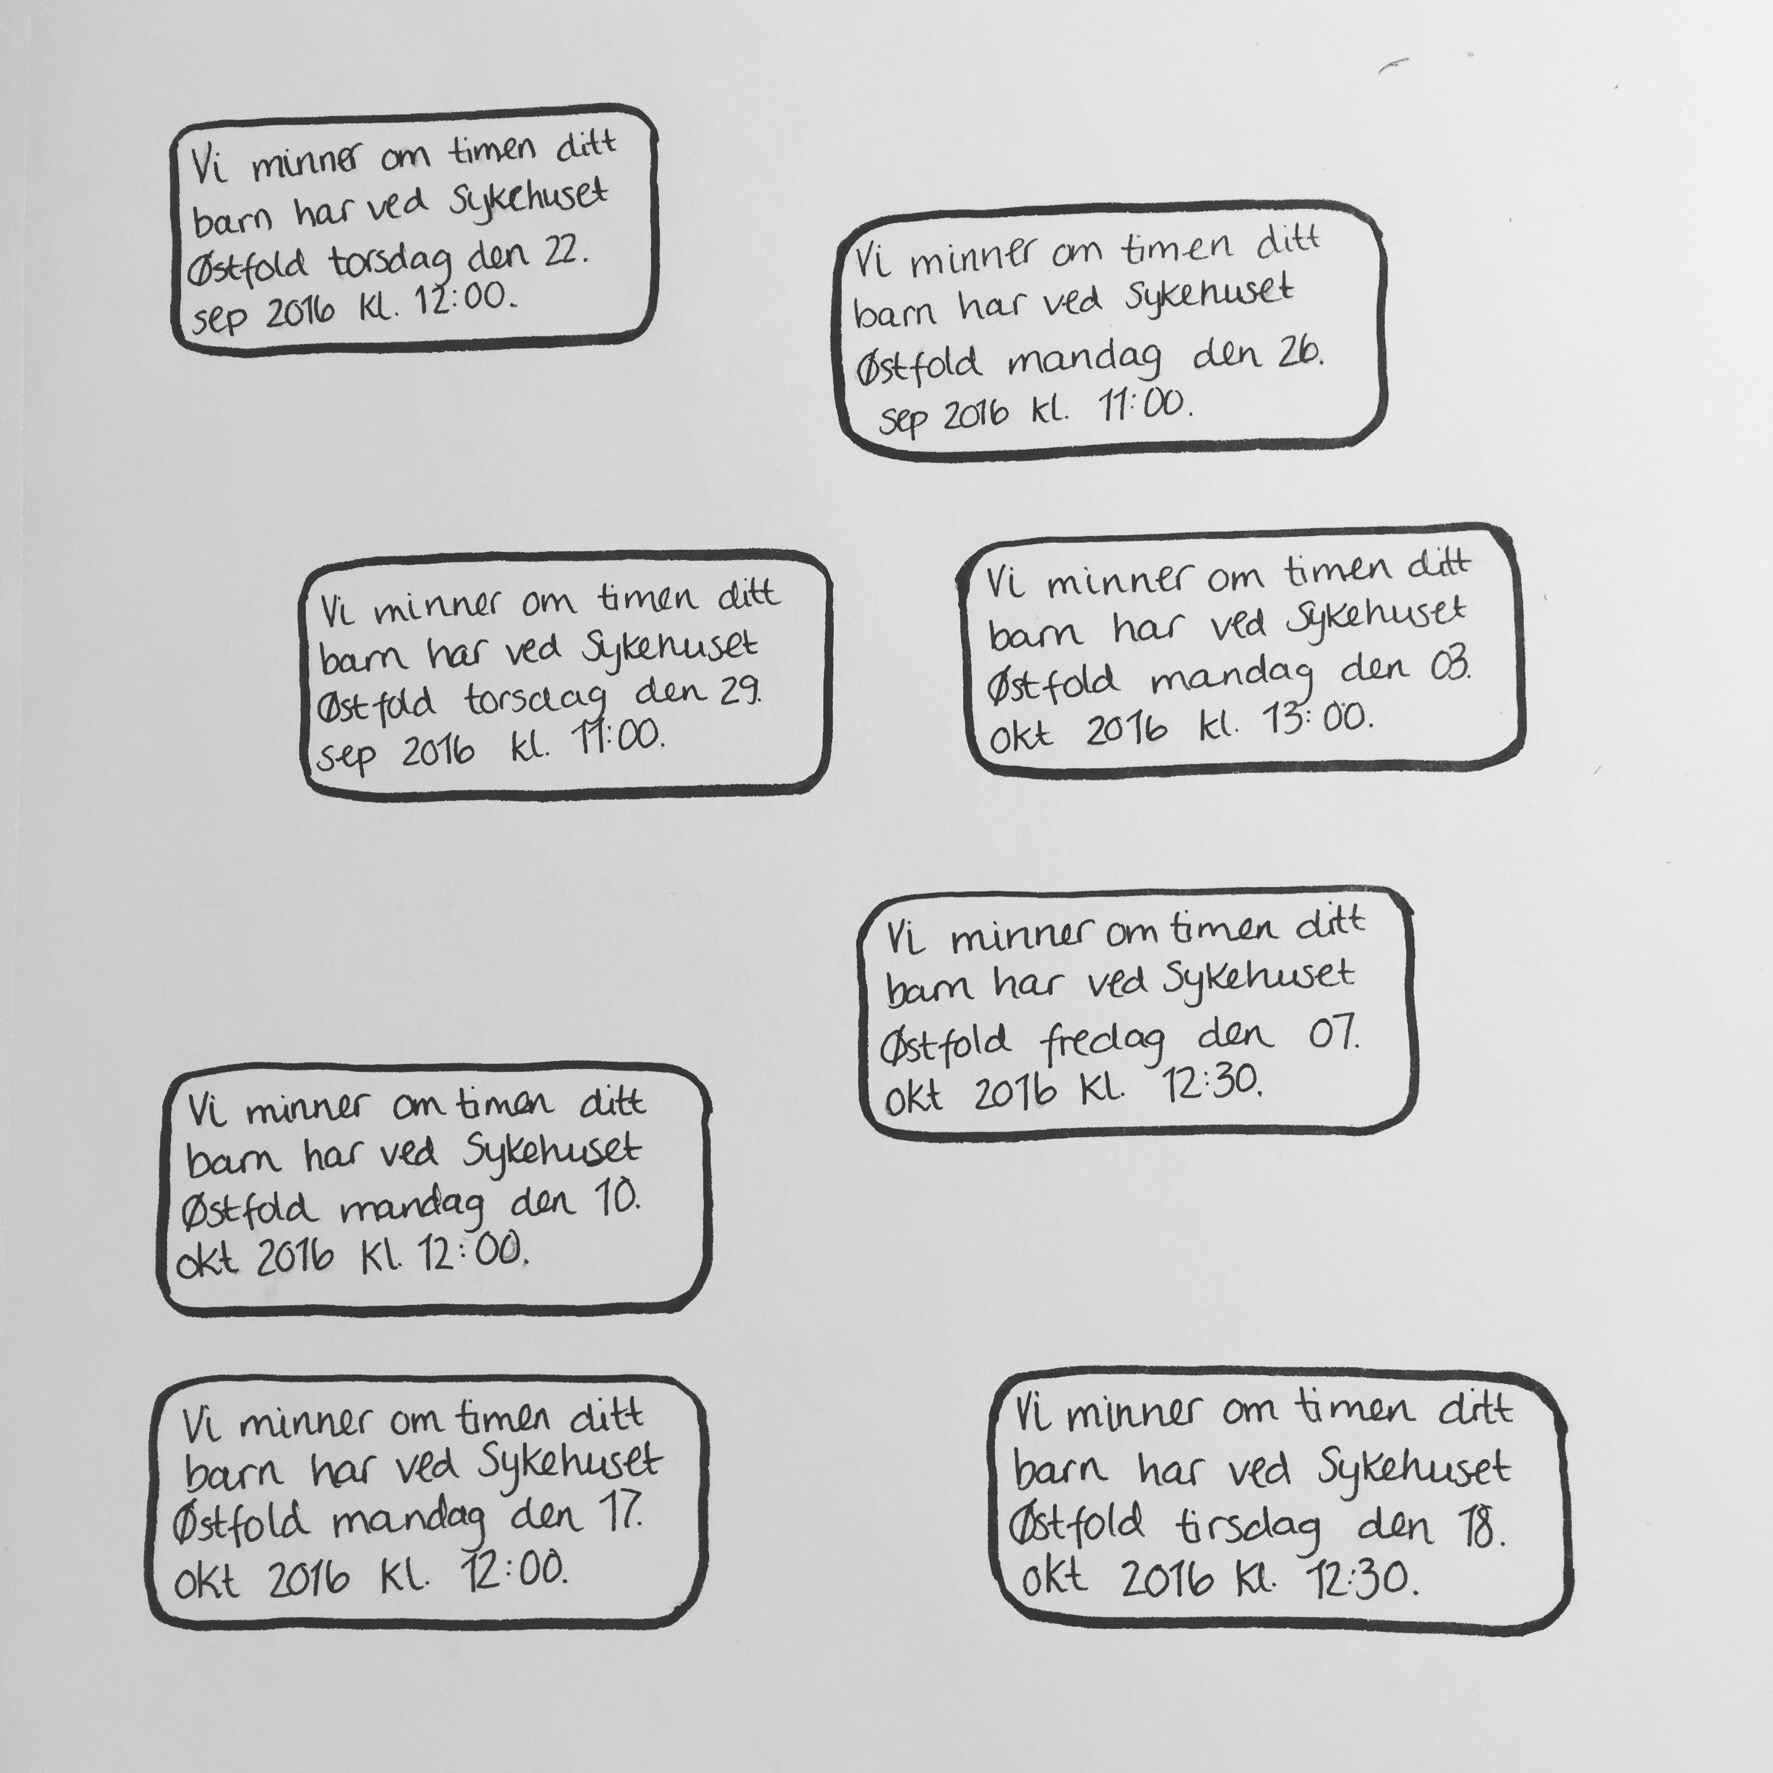 Tegning av tekstmeldinger med påminnelser av avtaler